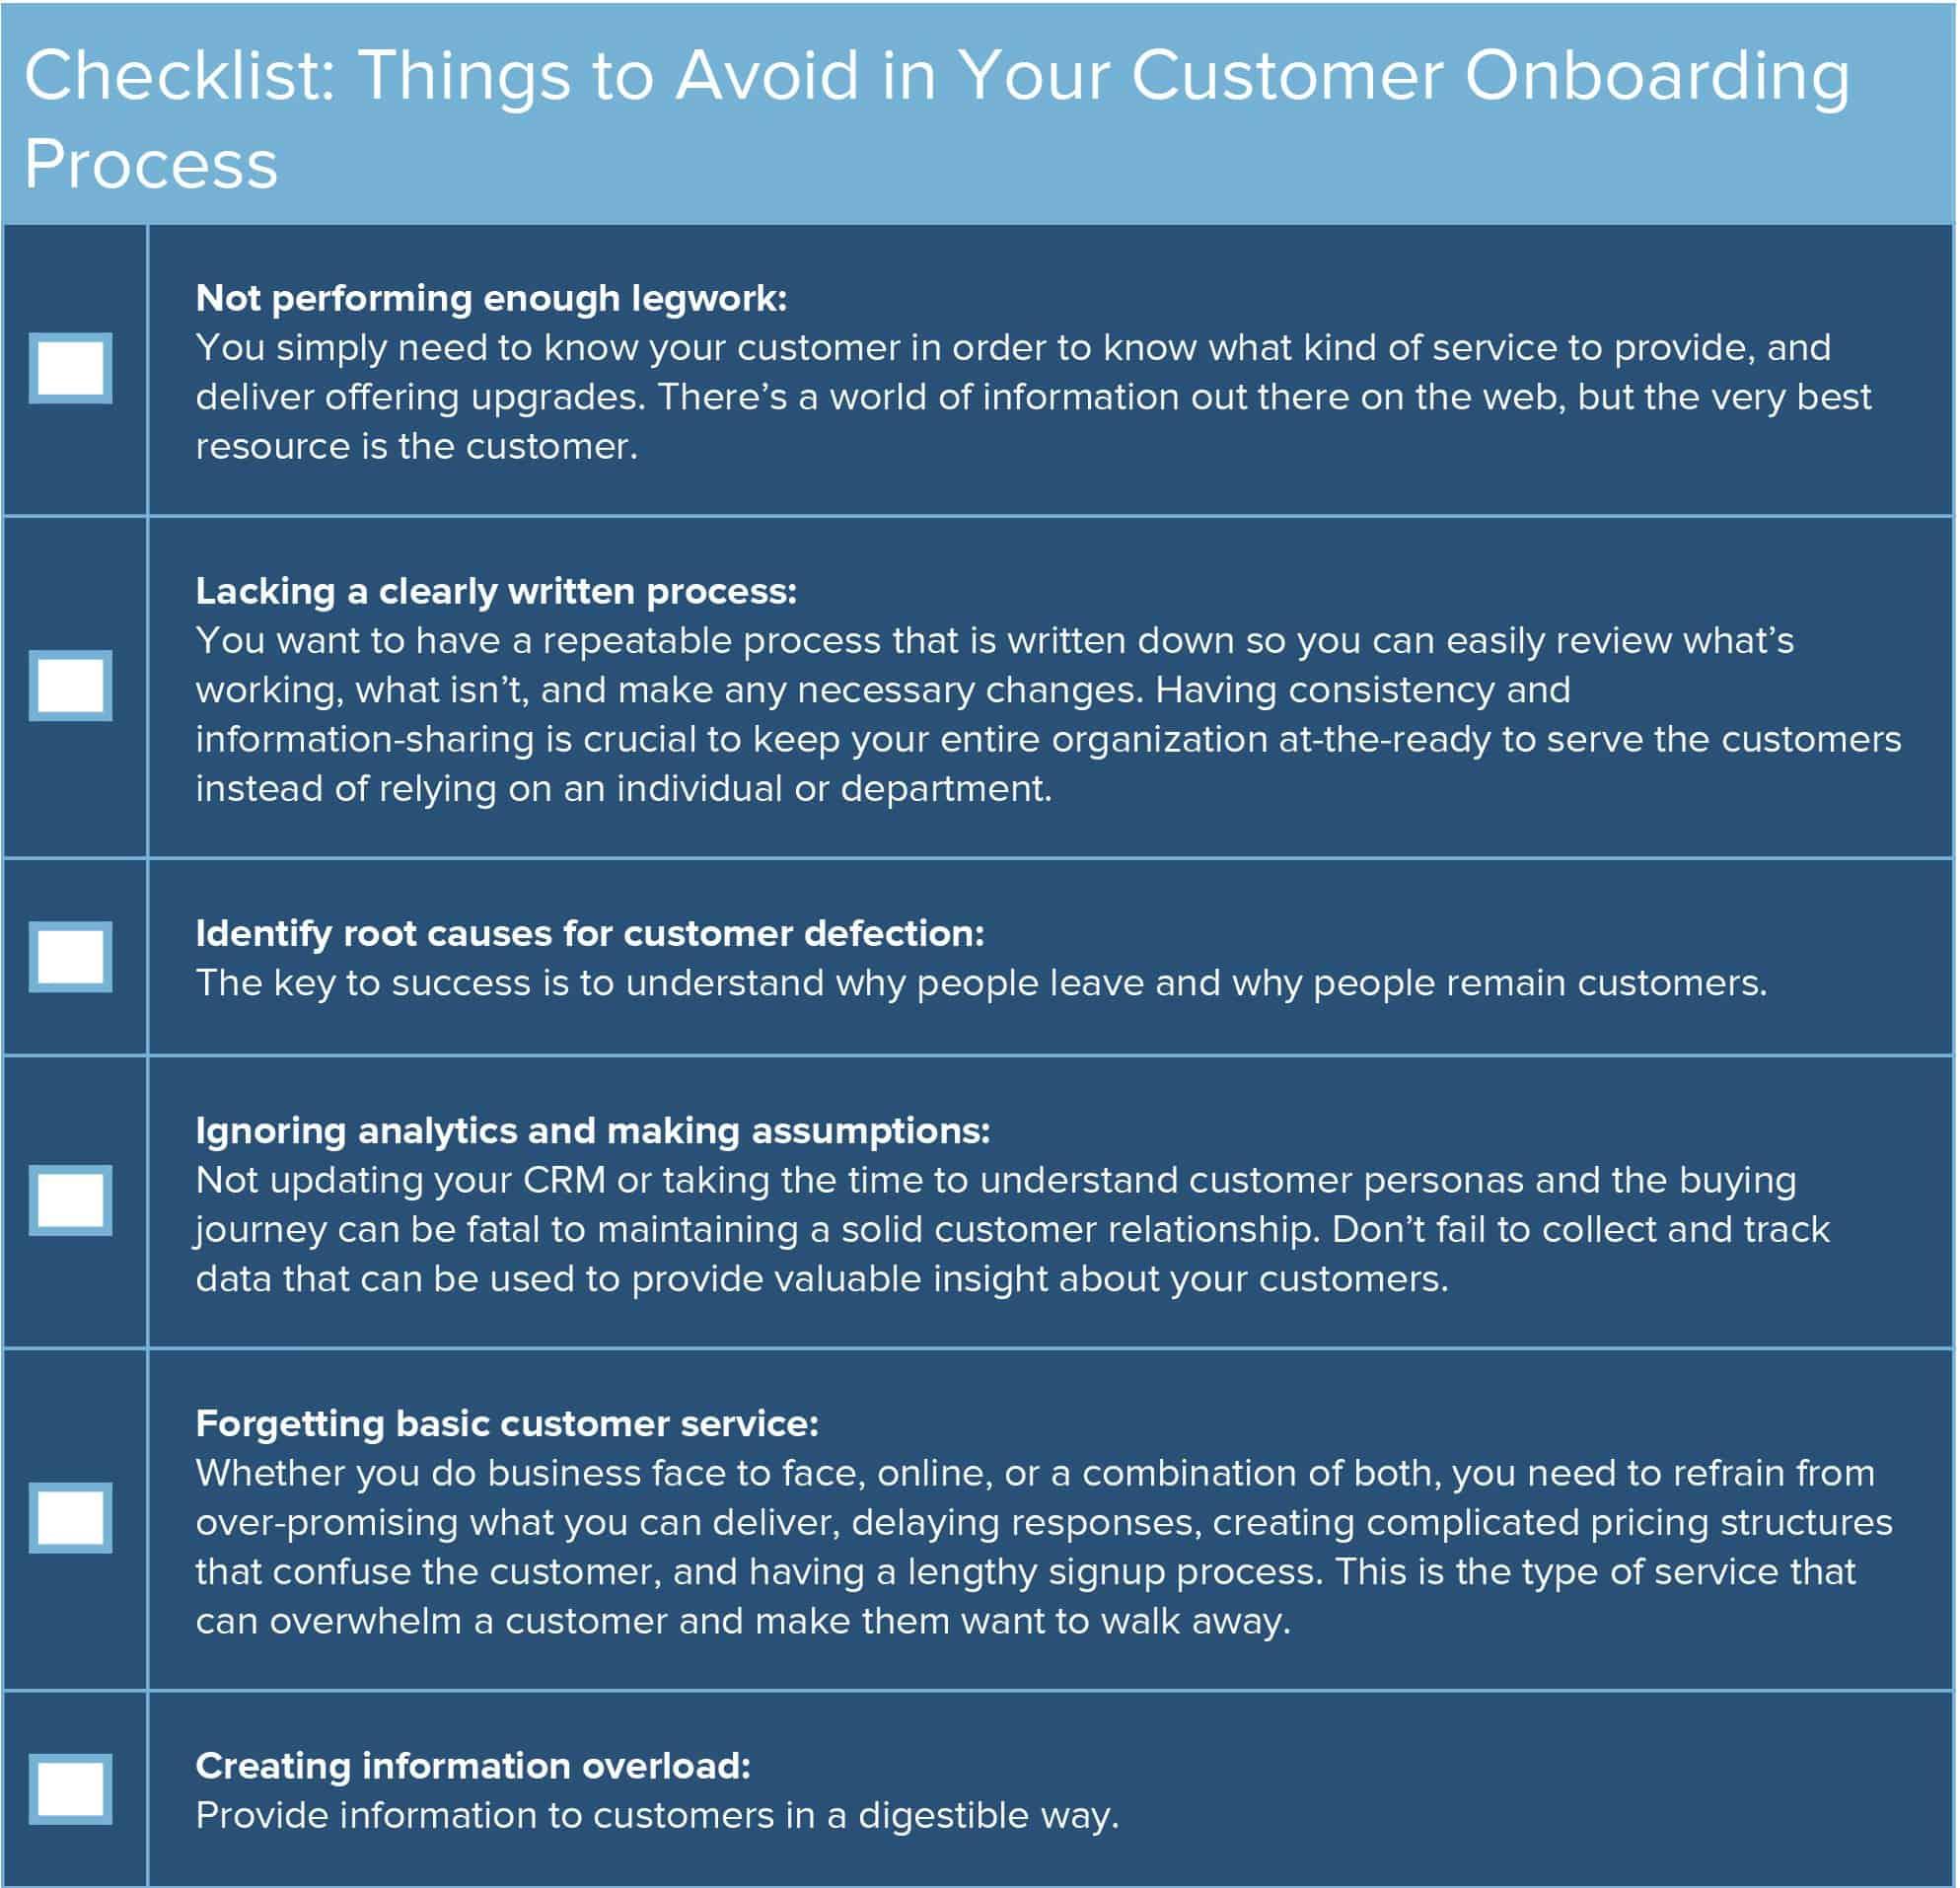 Customer Onboarding Expert Tips and Tools   Smartsheet